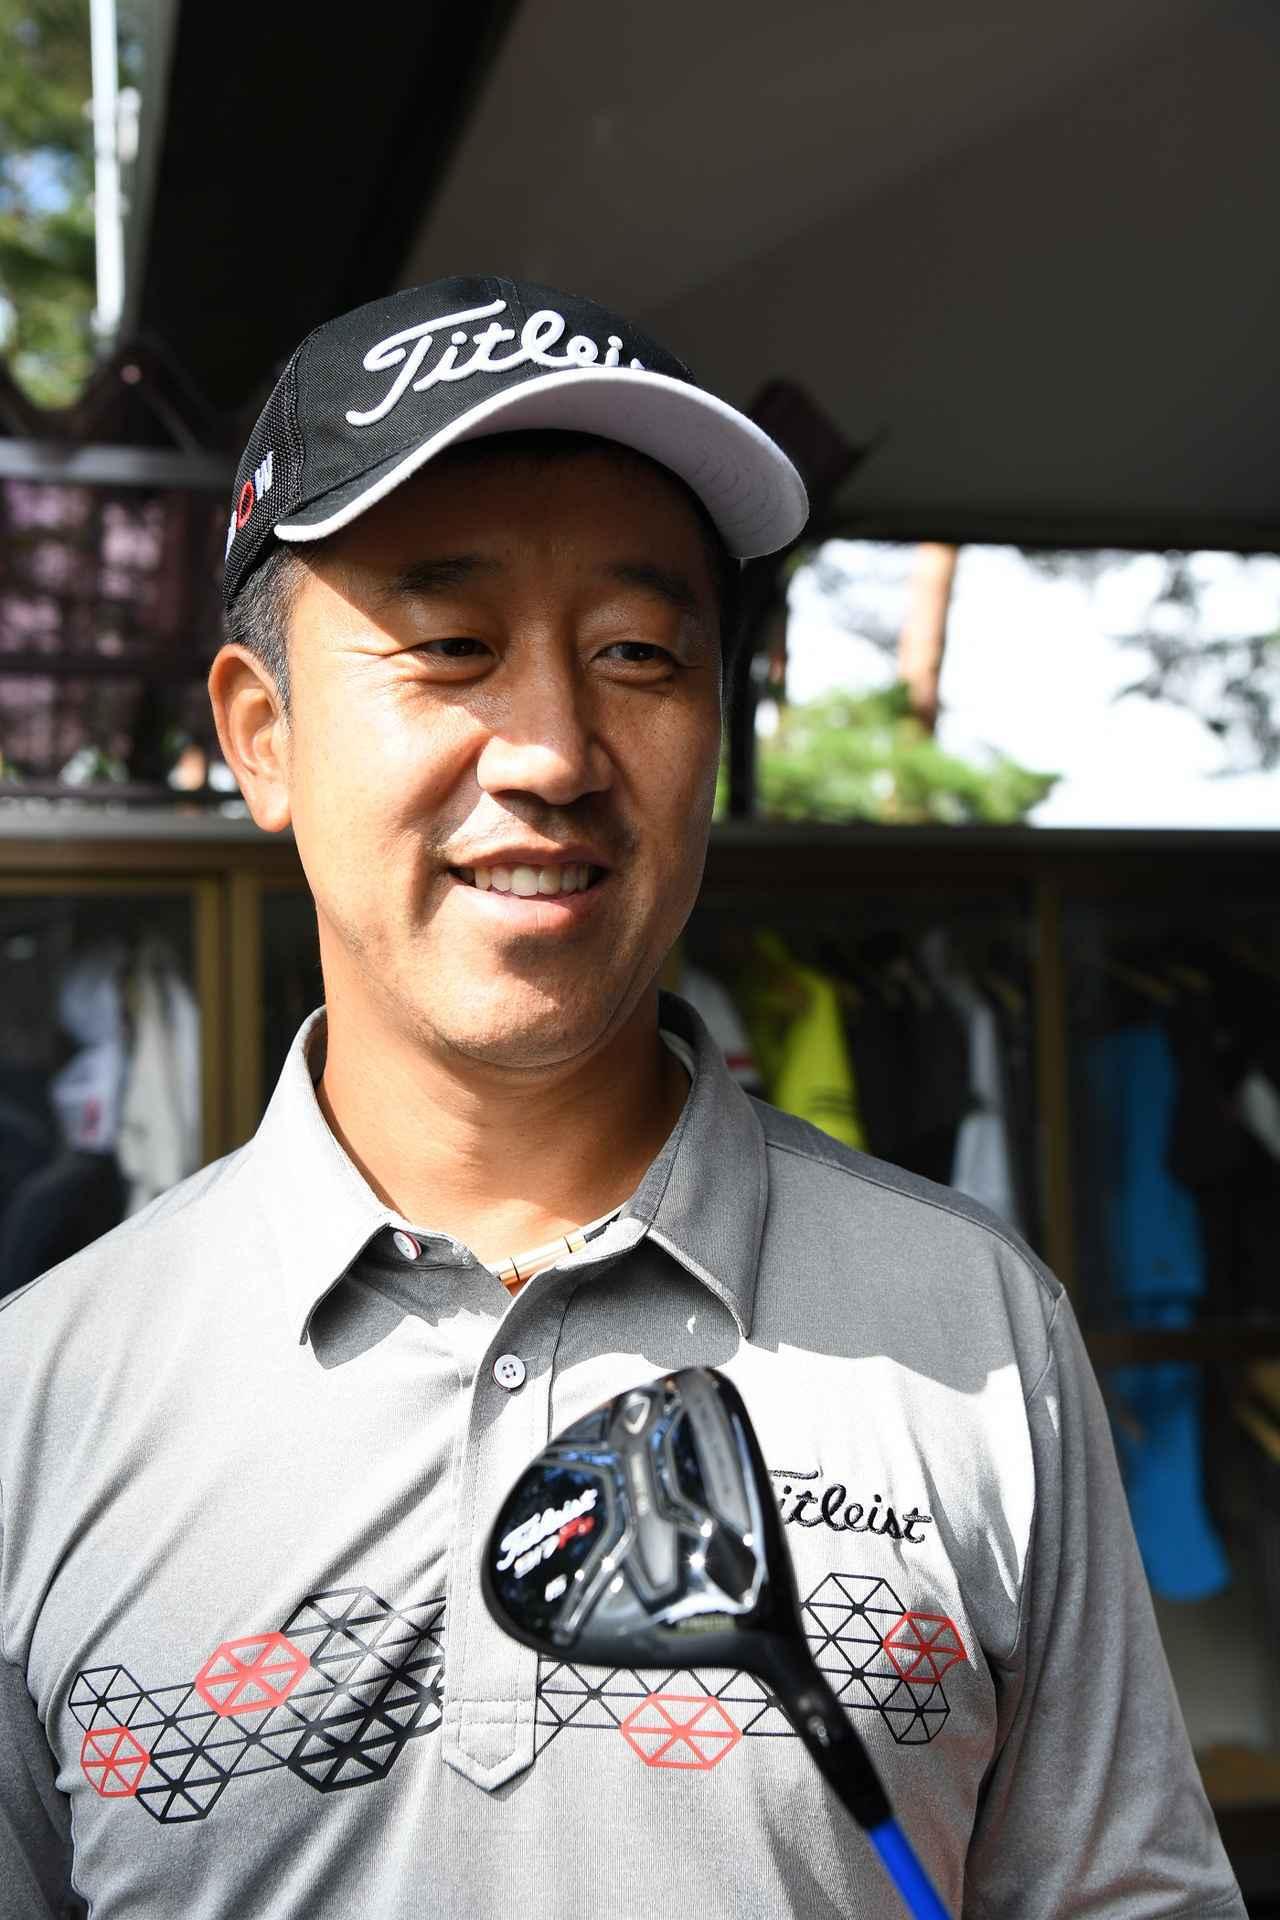 画像: 長年タイトリストのクラブで活躍する。日本ツアー8勝のうちメジャー3勝という大舞台に強いプロ